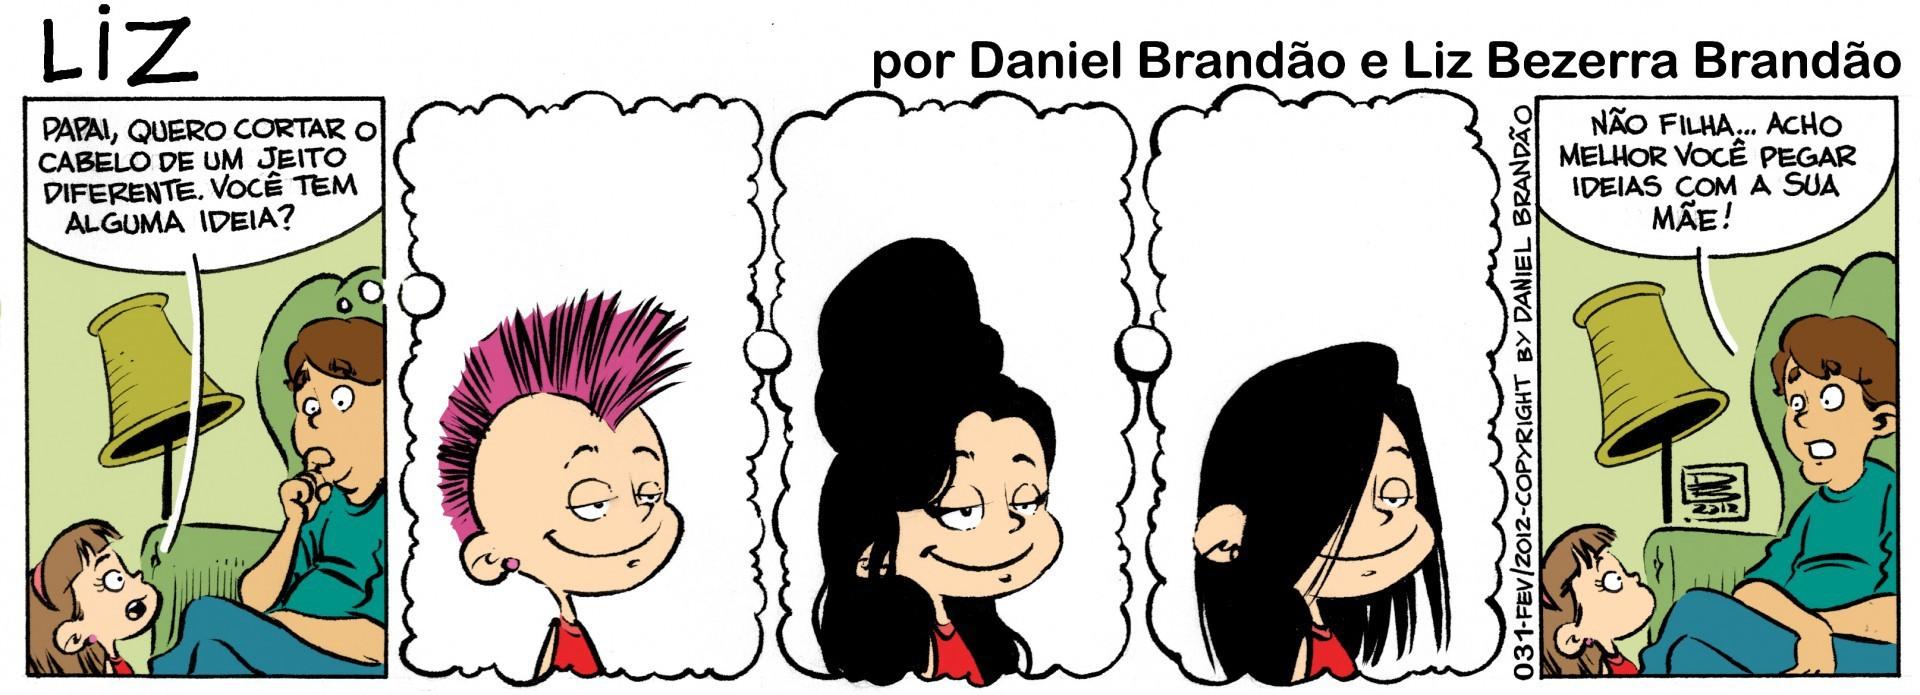 Tira Liz, de Daniel Brandão e Liz Bezerra Brandão, para o Vida&Arte